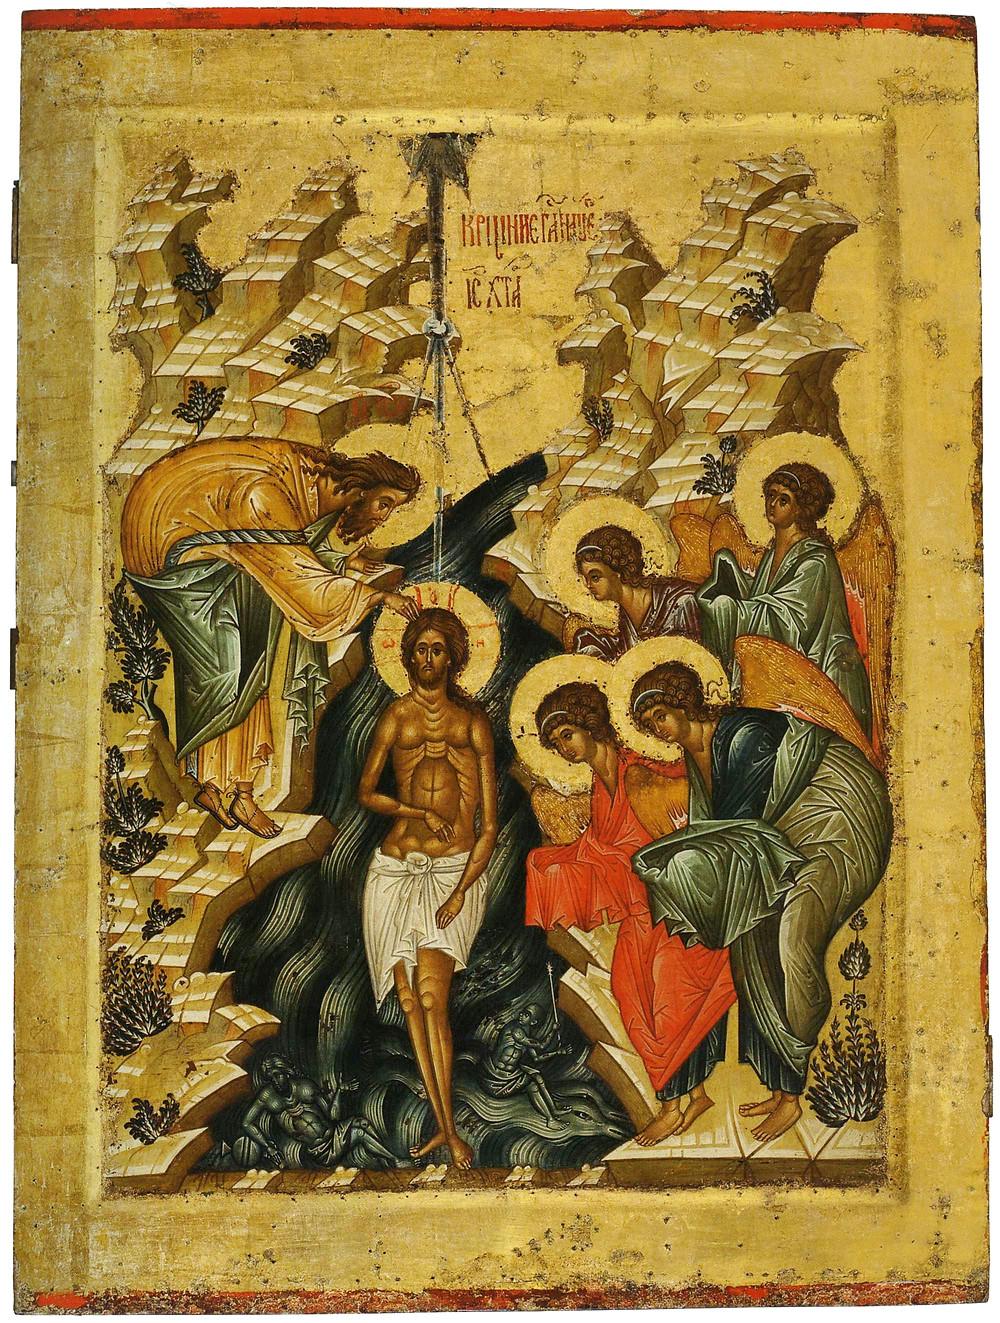 Икона  «Крещение Господне» из Успенского собора Кирилло-Белозерского монастыря. Праздничный чин 1497 года